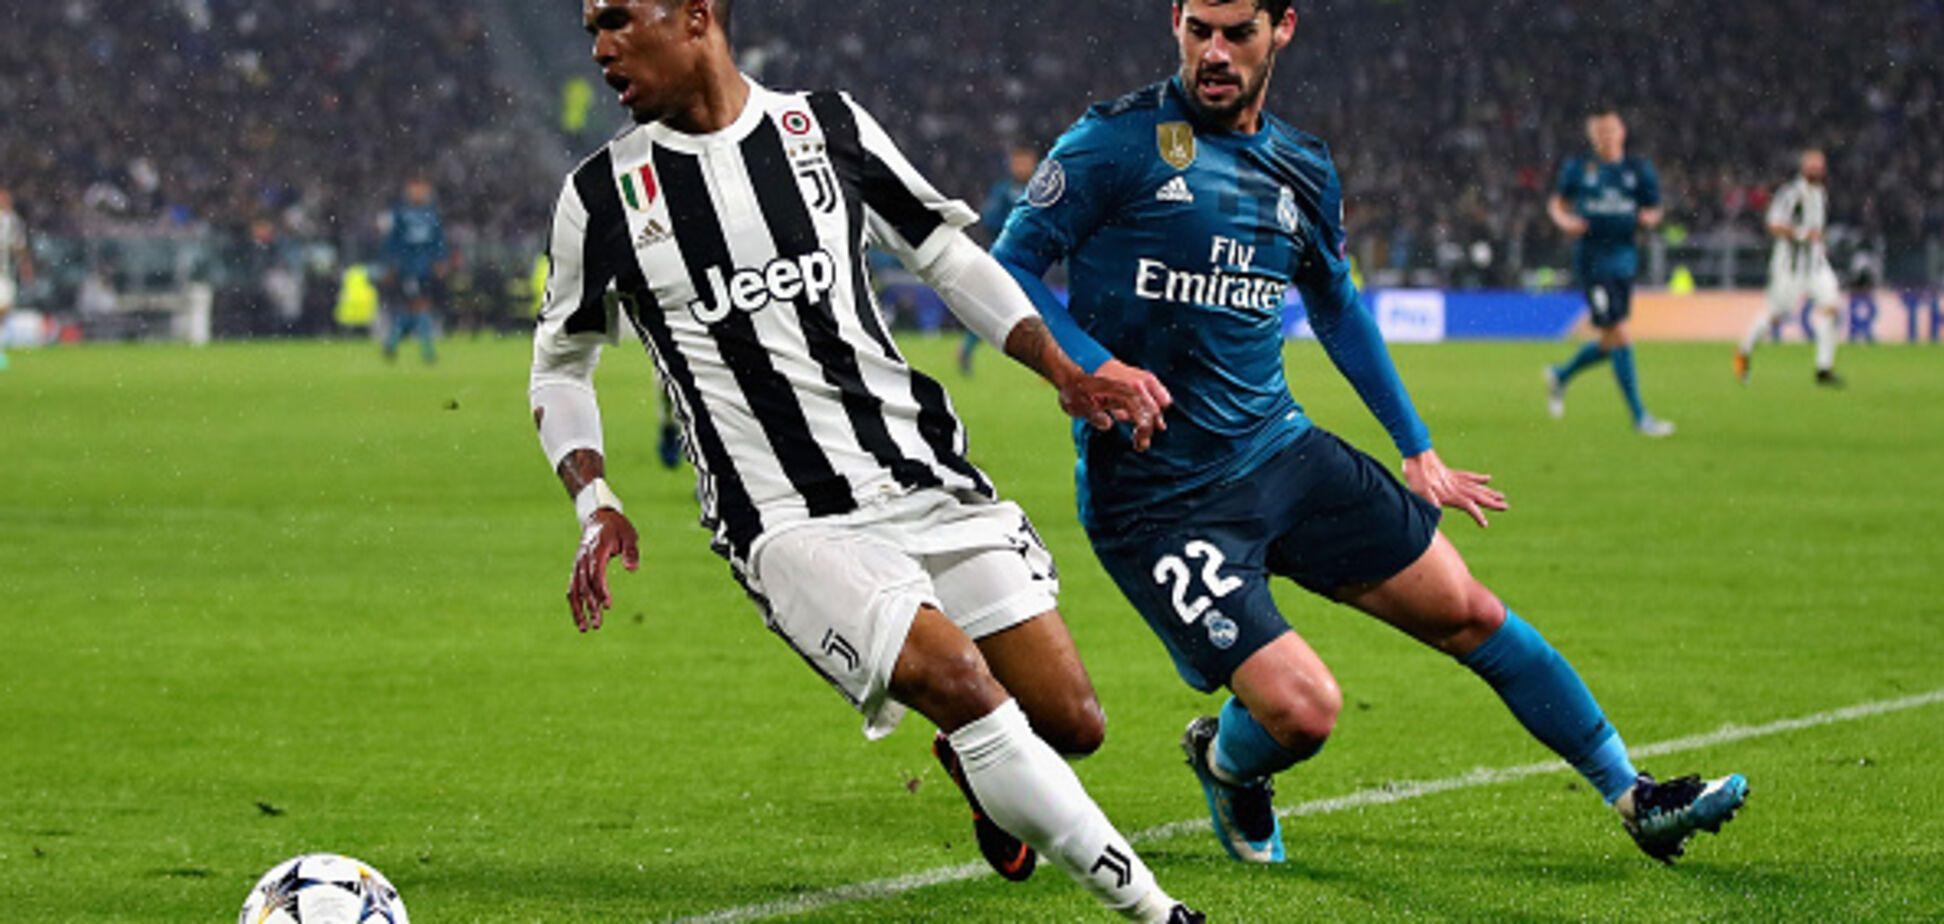 'Ювентус' - 'Реал': огляд чвертьфінального матчу Ліги чемпіонів